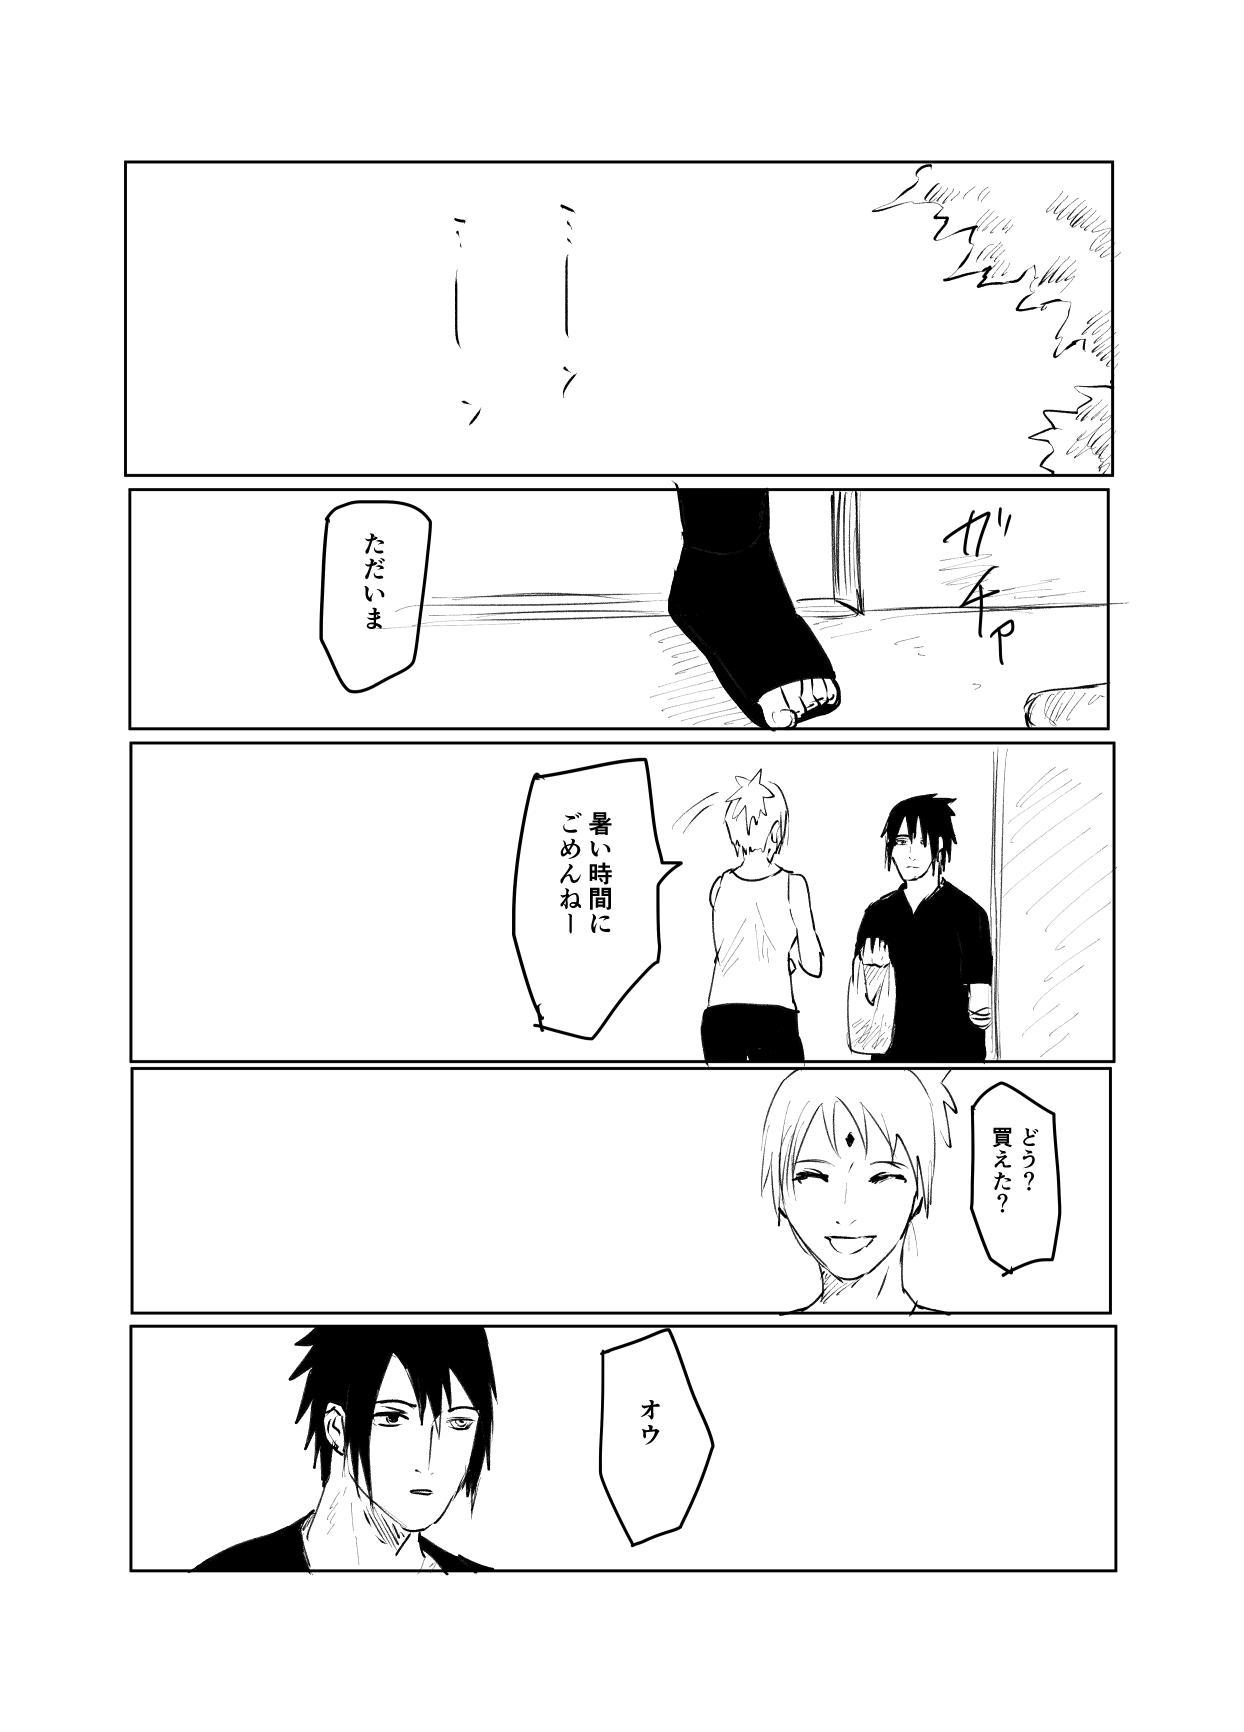 嘘告白漫画 79